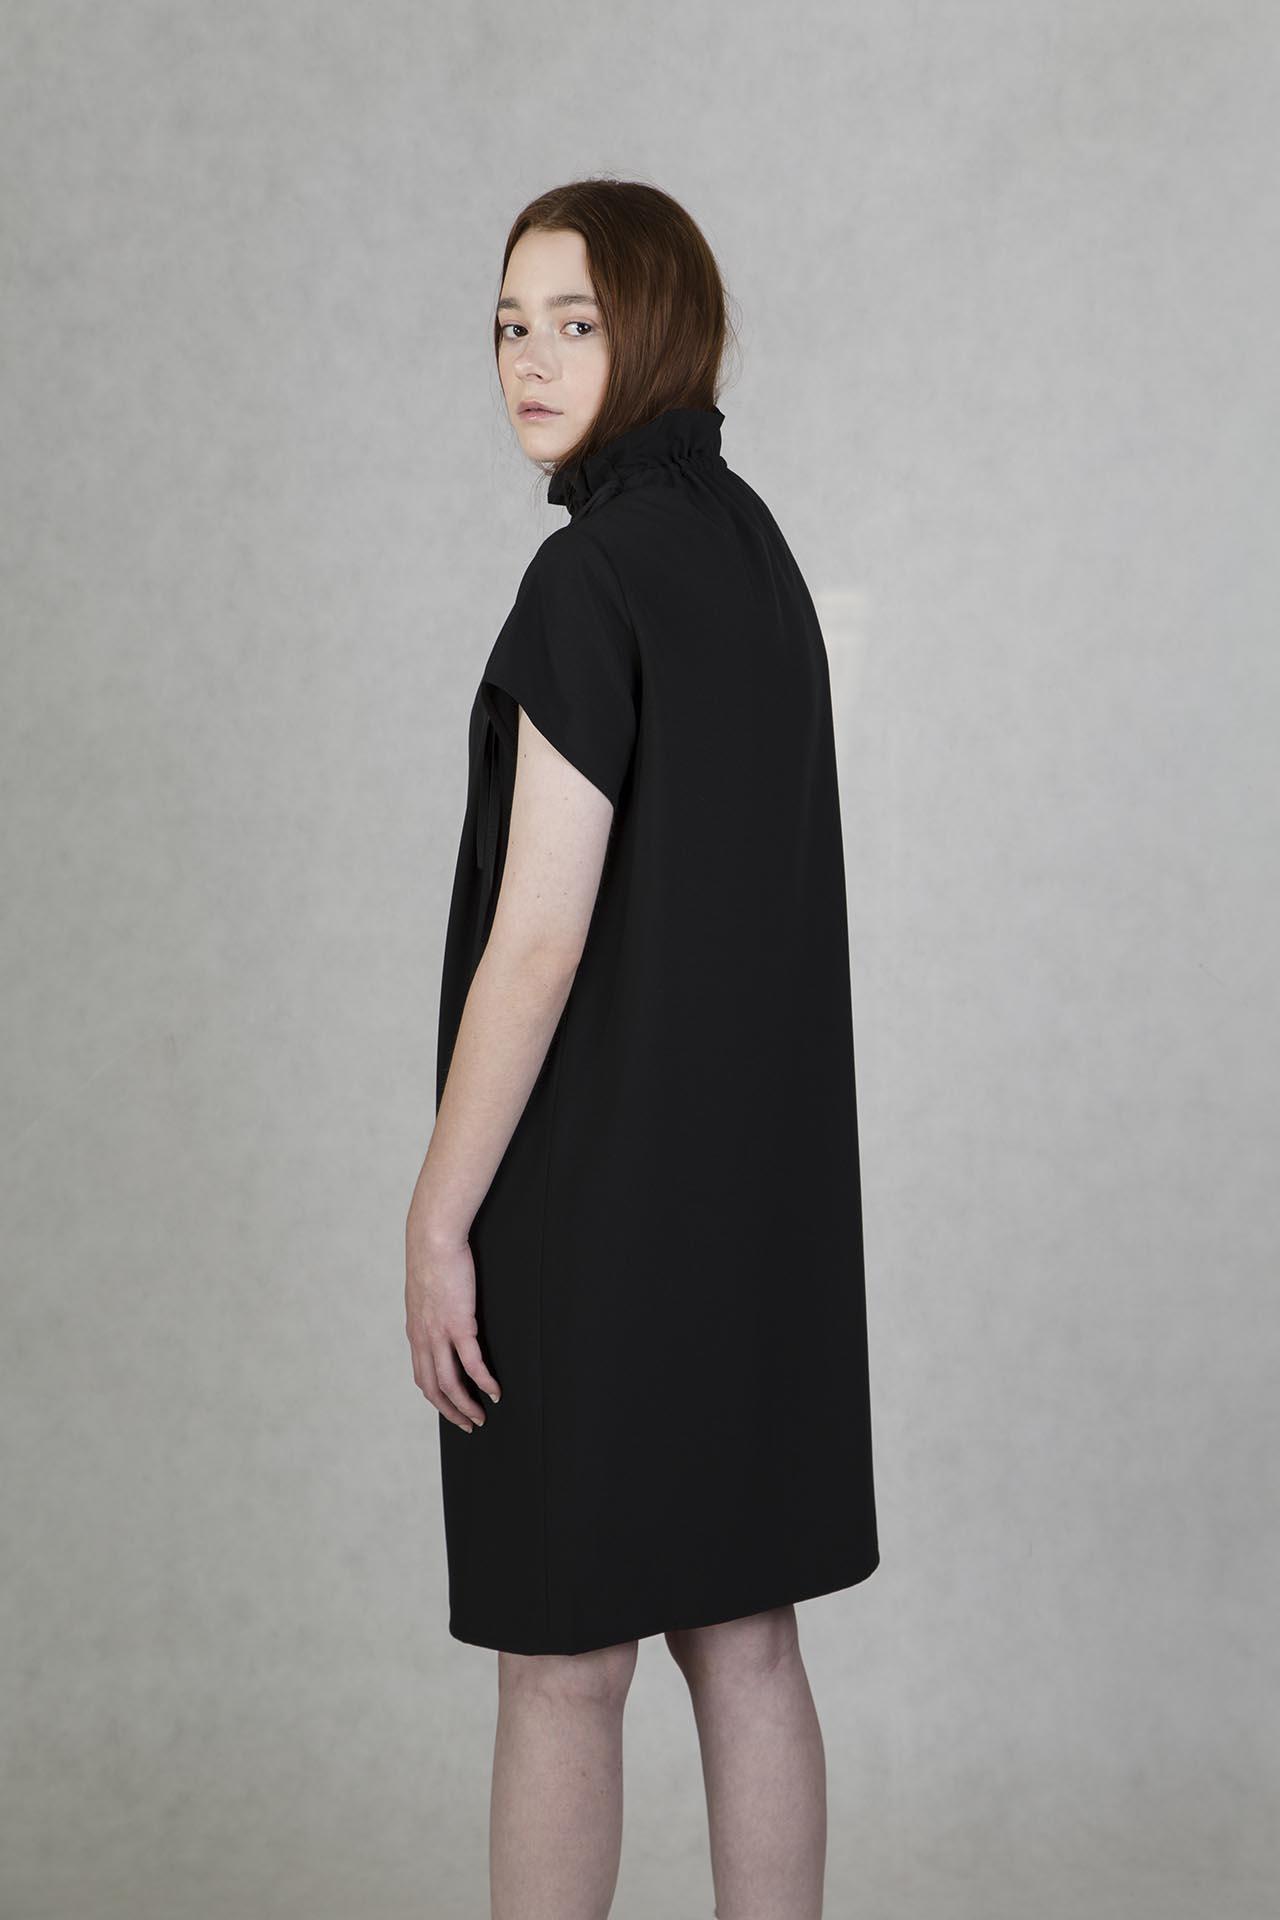 169a5ad11252 Šaty s řasením černé od české módní značky Oneday